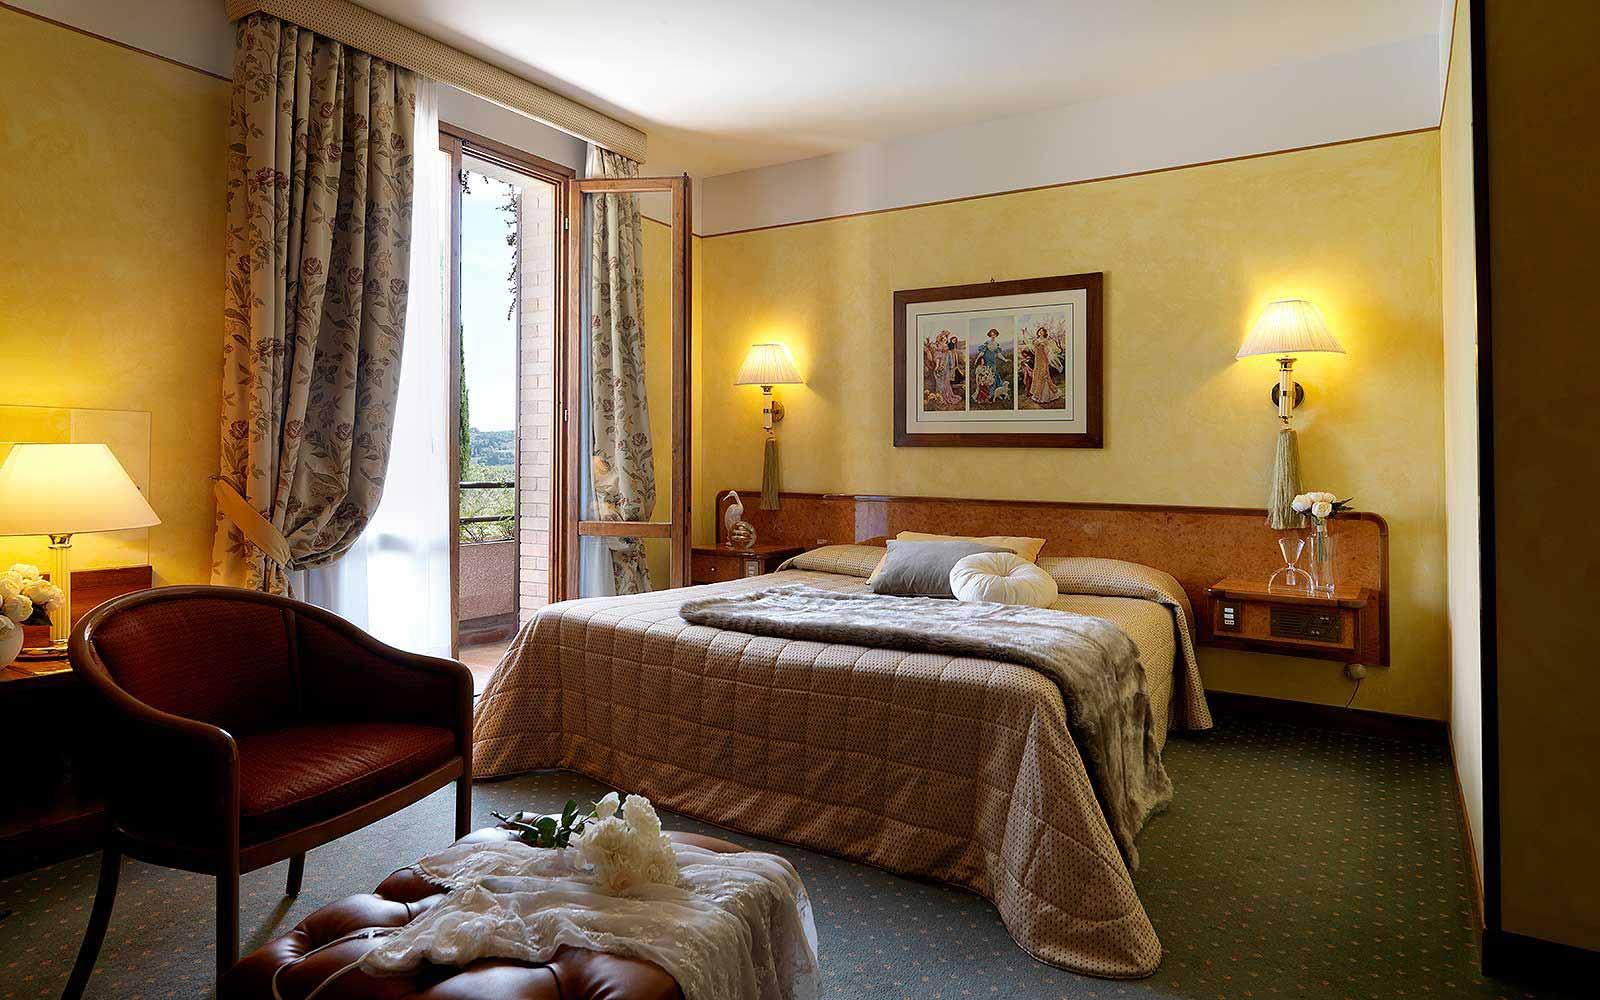 Superior room at Relais Santa Chiara